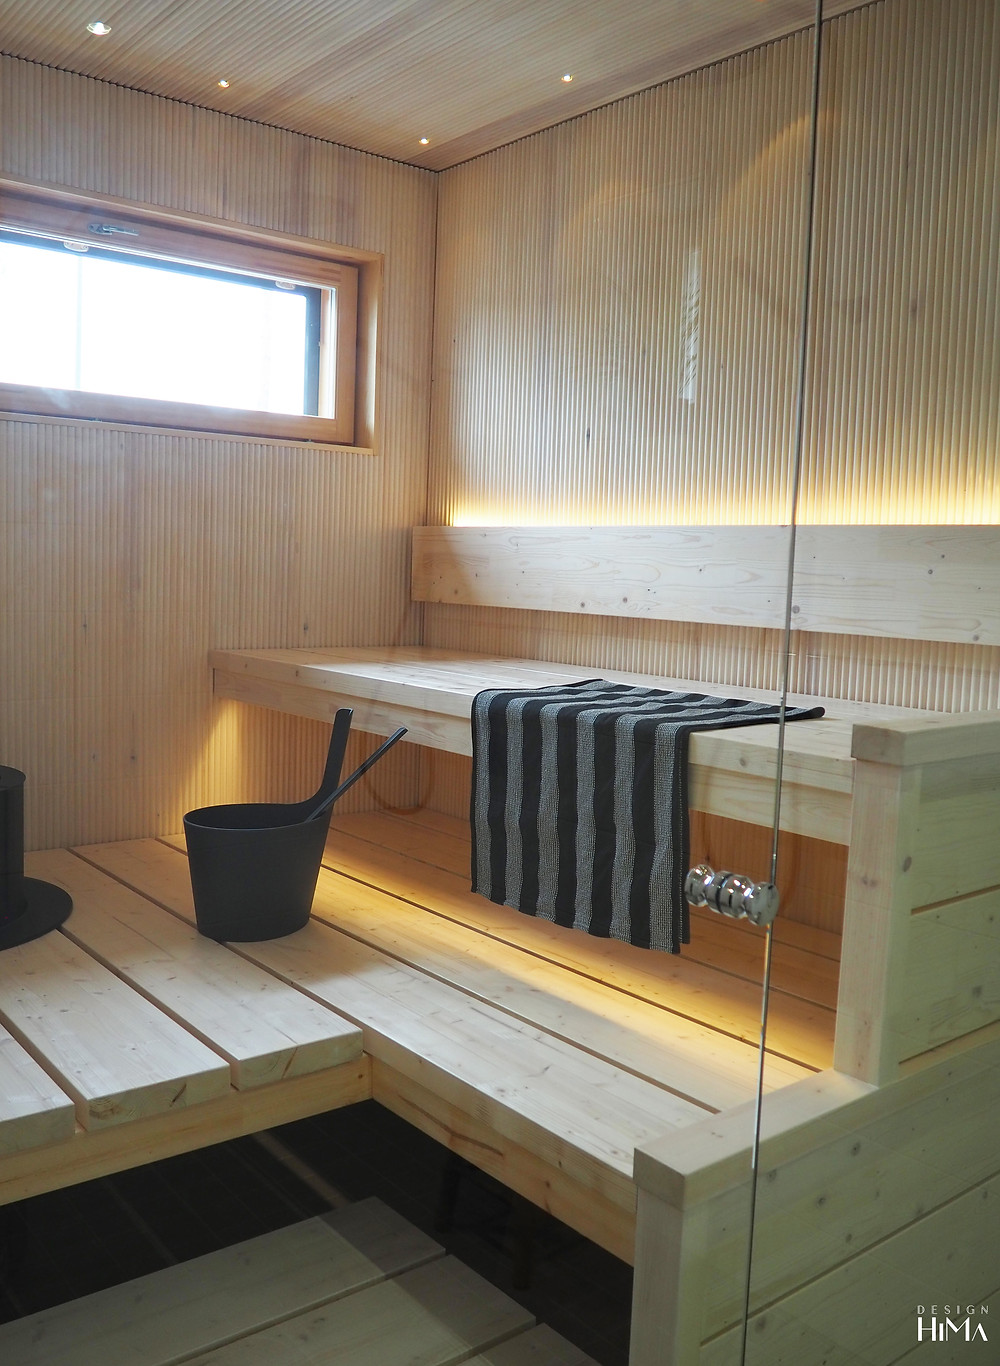 Kultakoivu sauna